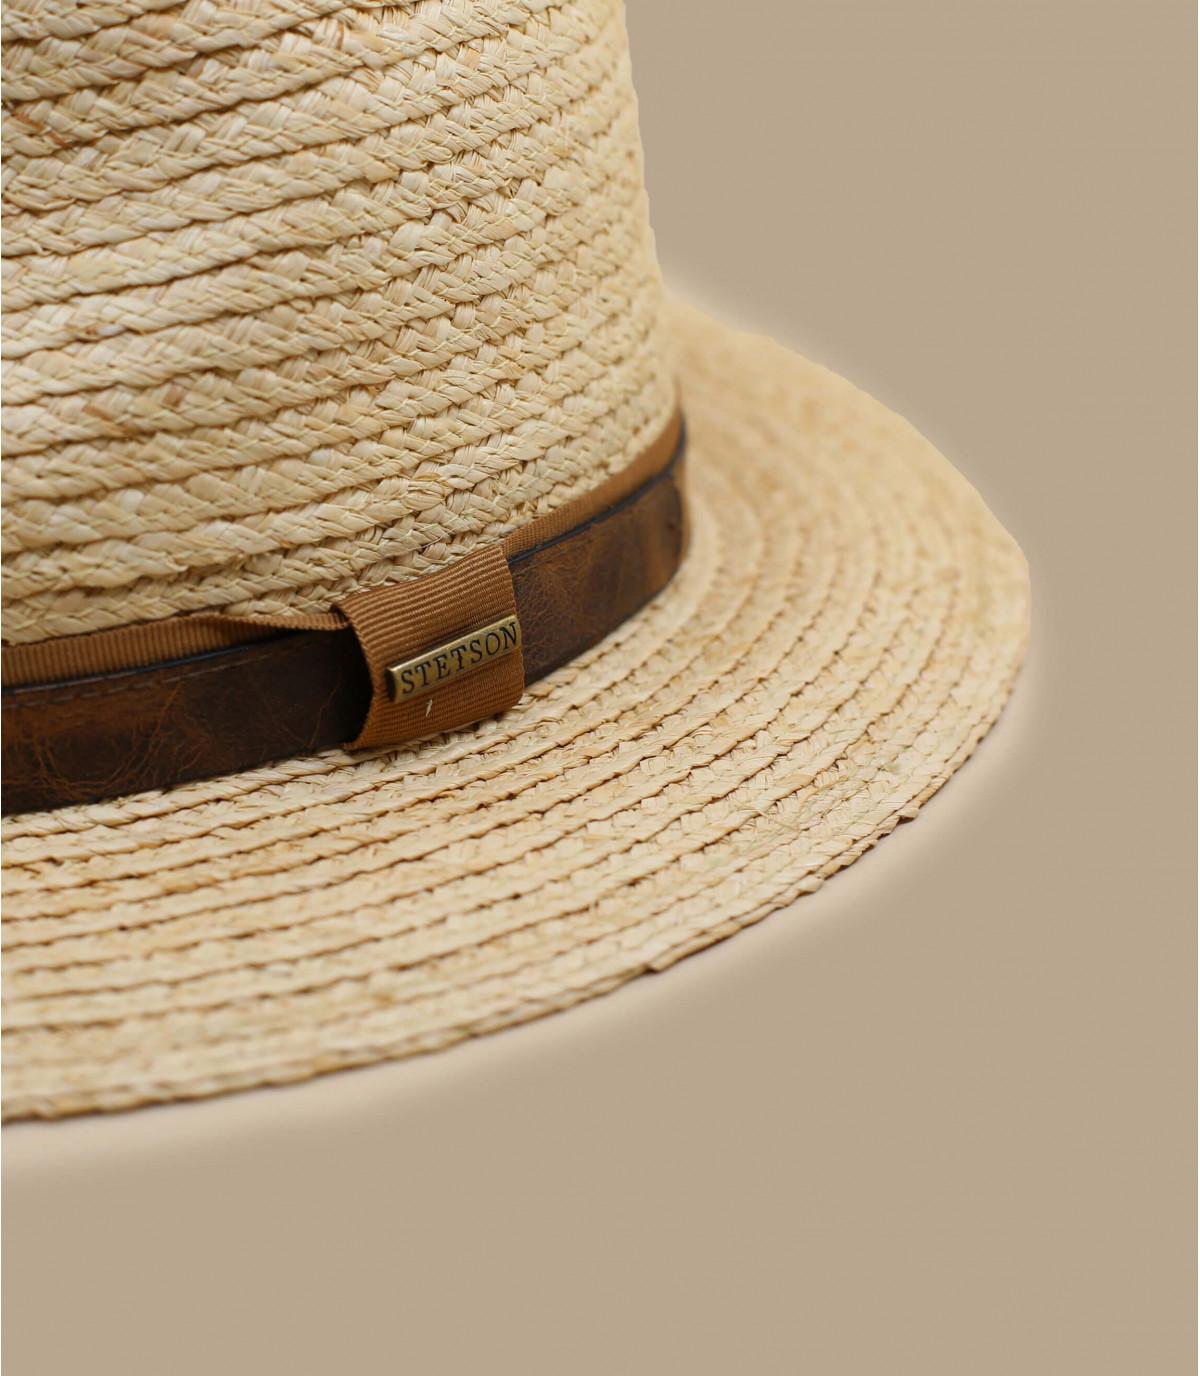 chapeau paille beige Stetson